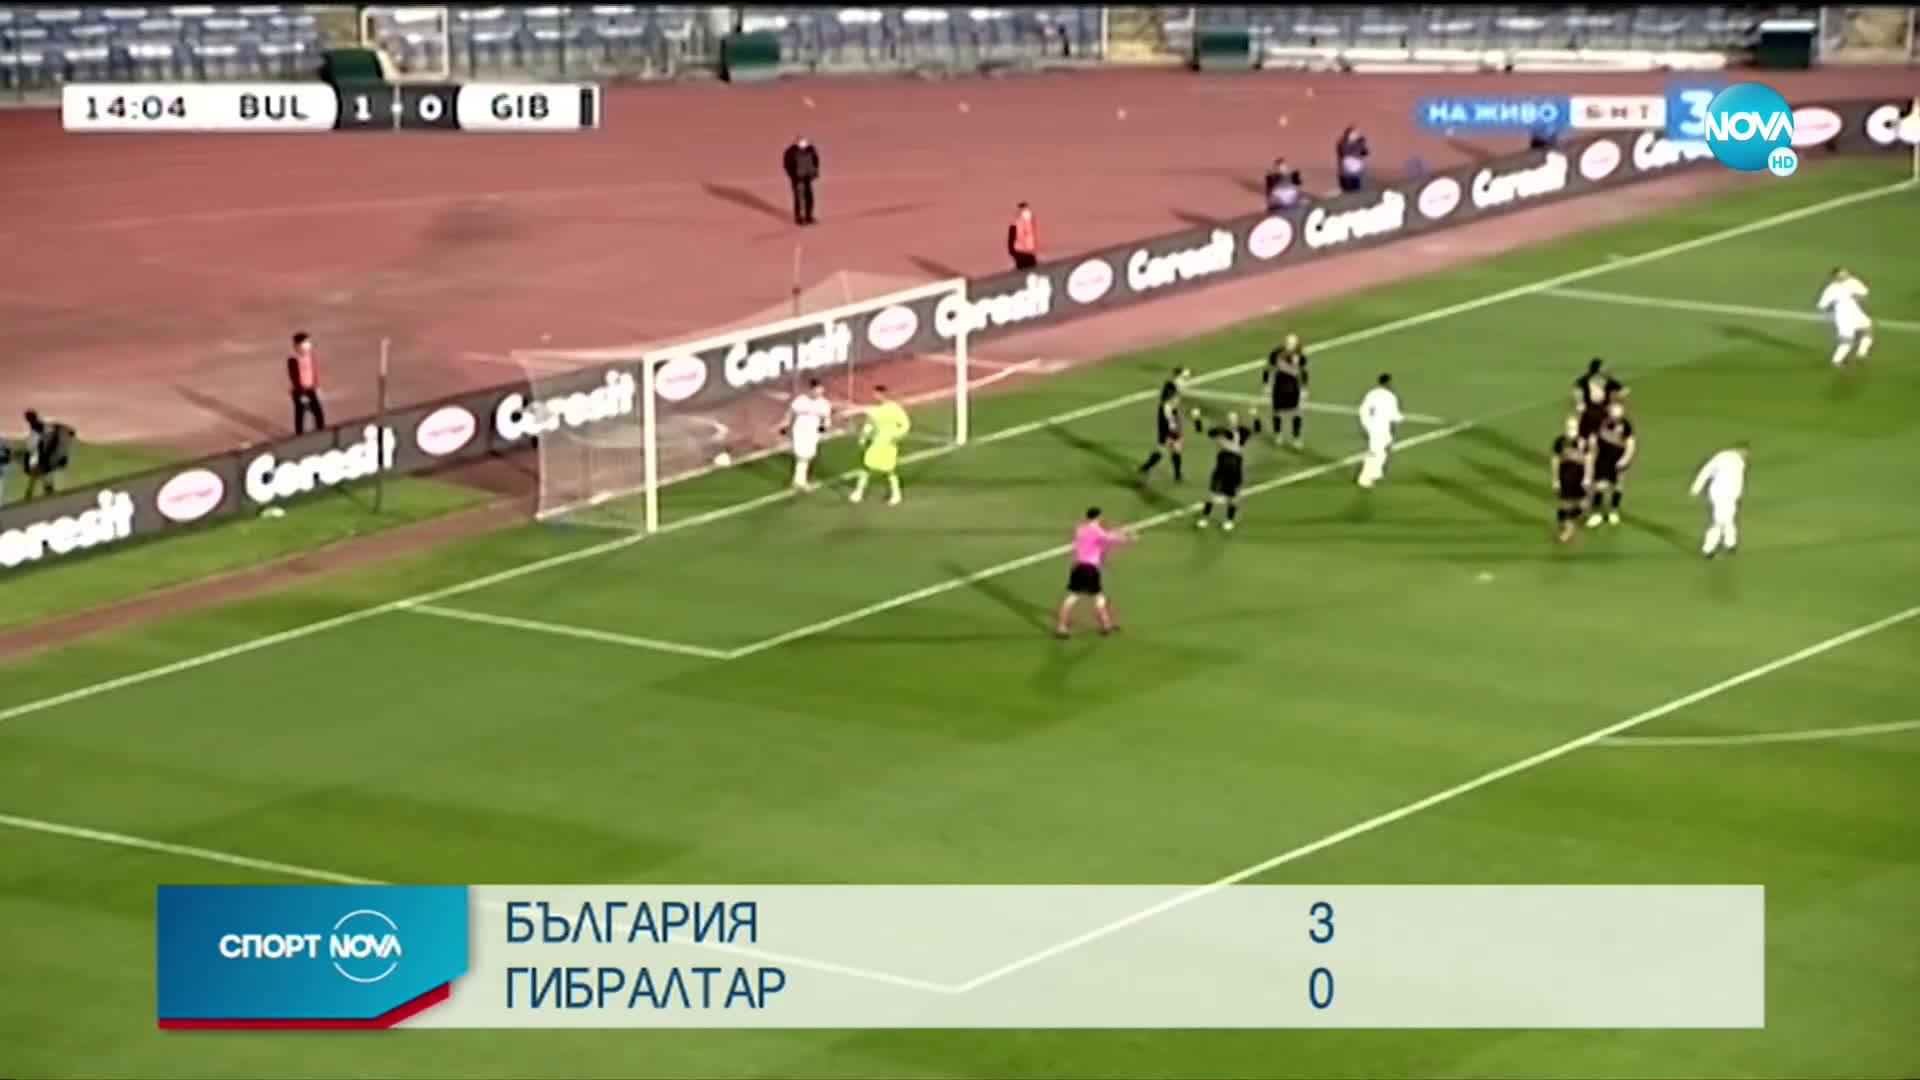 България разпердушини Гибралтар за едно полувреме и записа първа победа за 2020